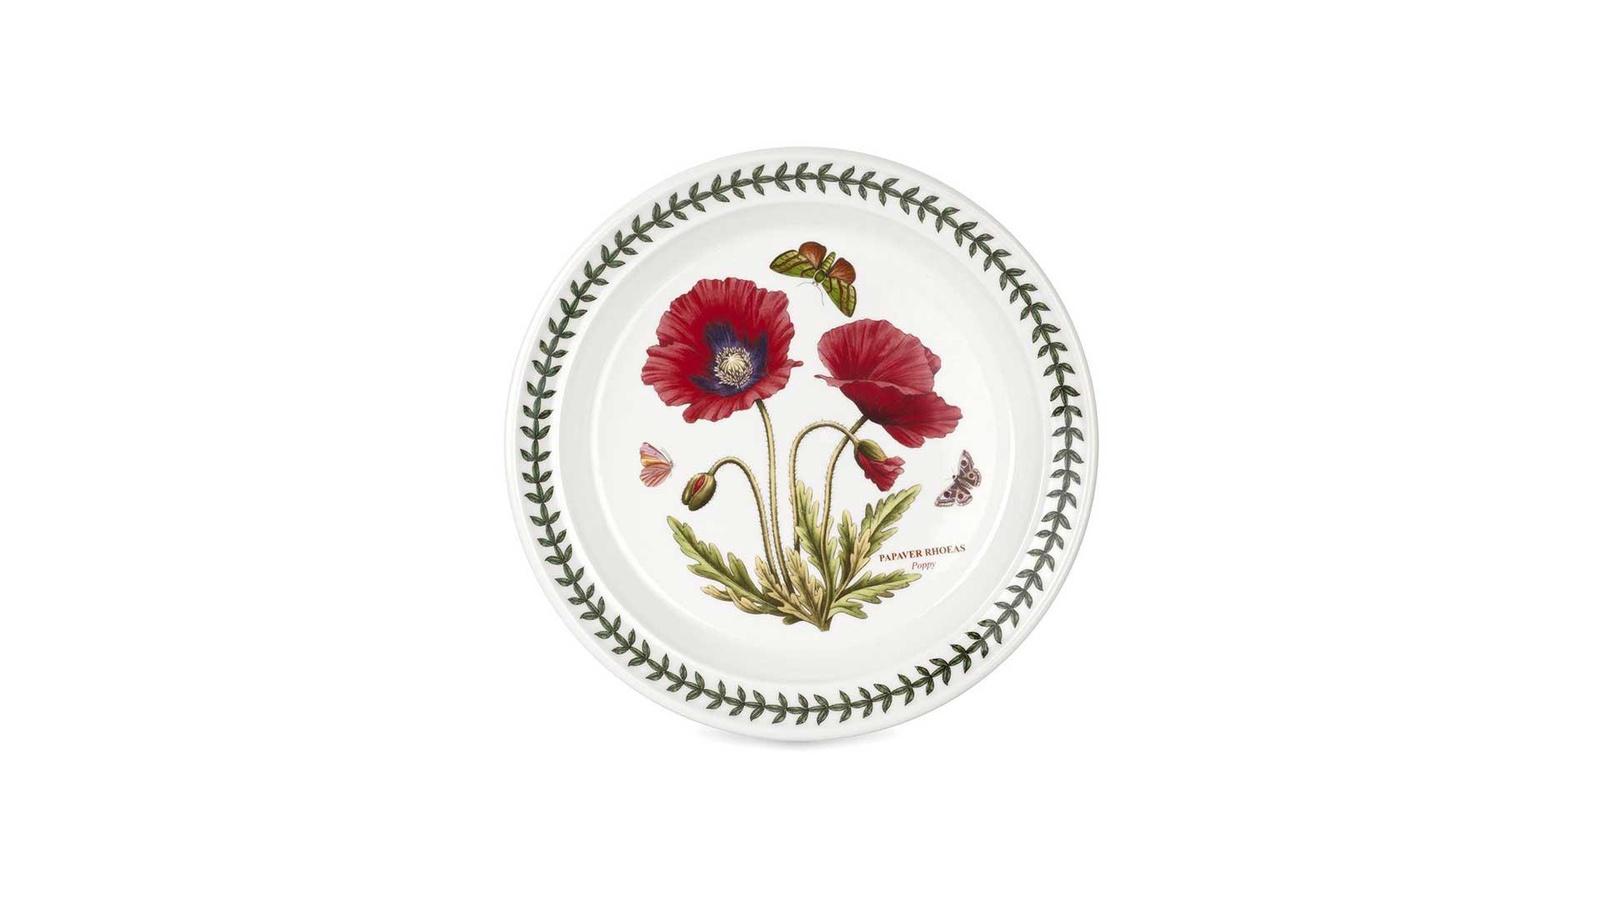 Тарелка Portmeirion PRT-BGPO05072-39, Фаянс закладки ботанический клуб